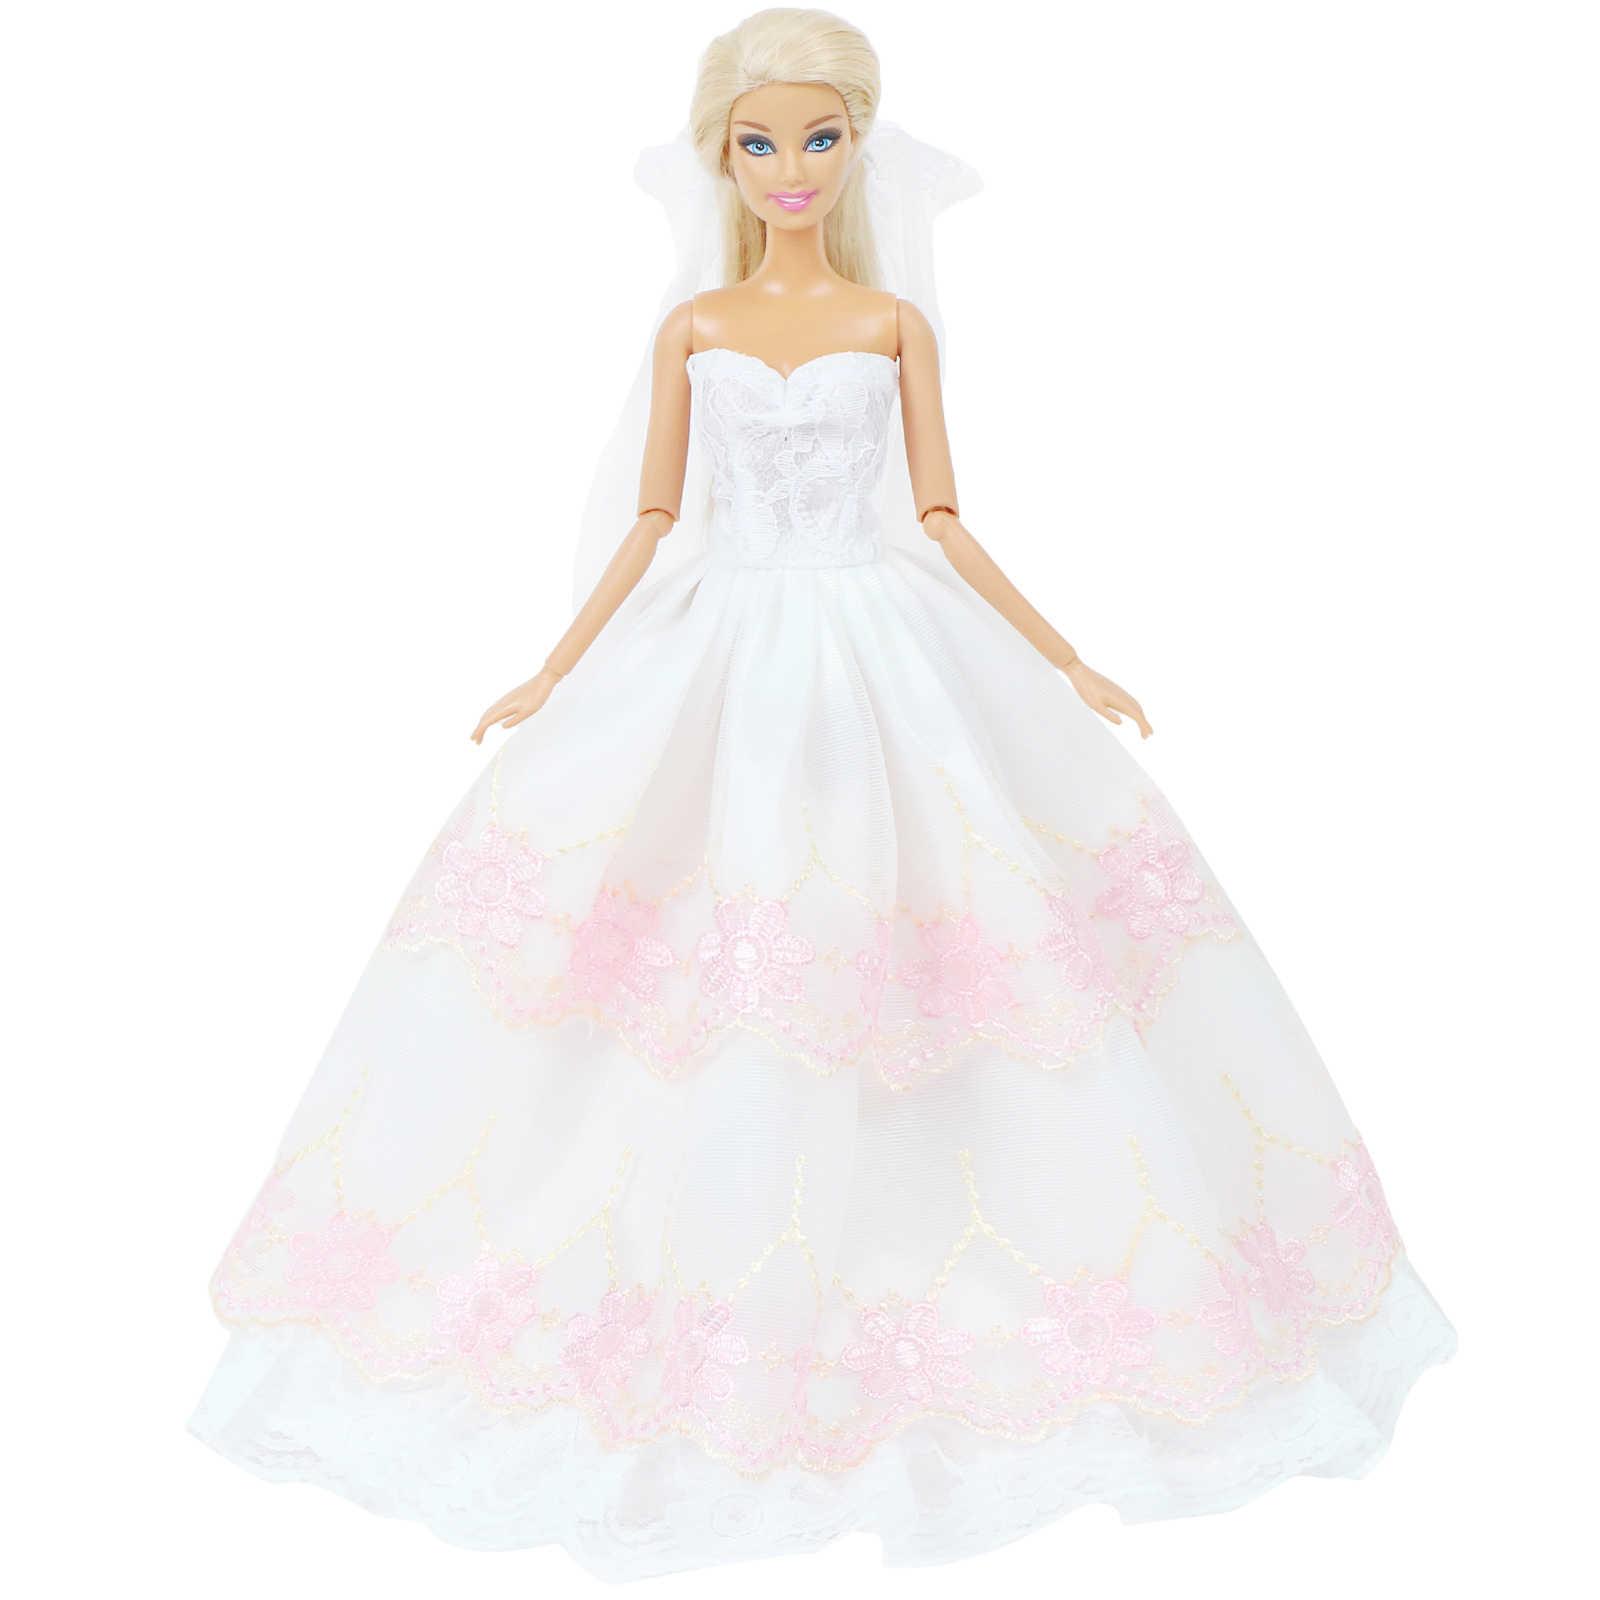 高品質人形ドレス刺繍ウェディングブライダル着用ガウン + セクシーなレースのベールの服バービー人形 12 ''人形アクセサリー